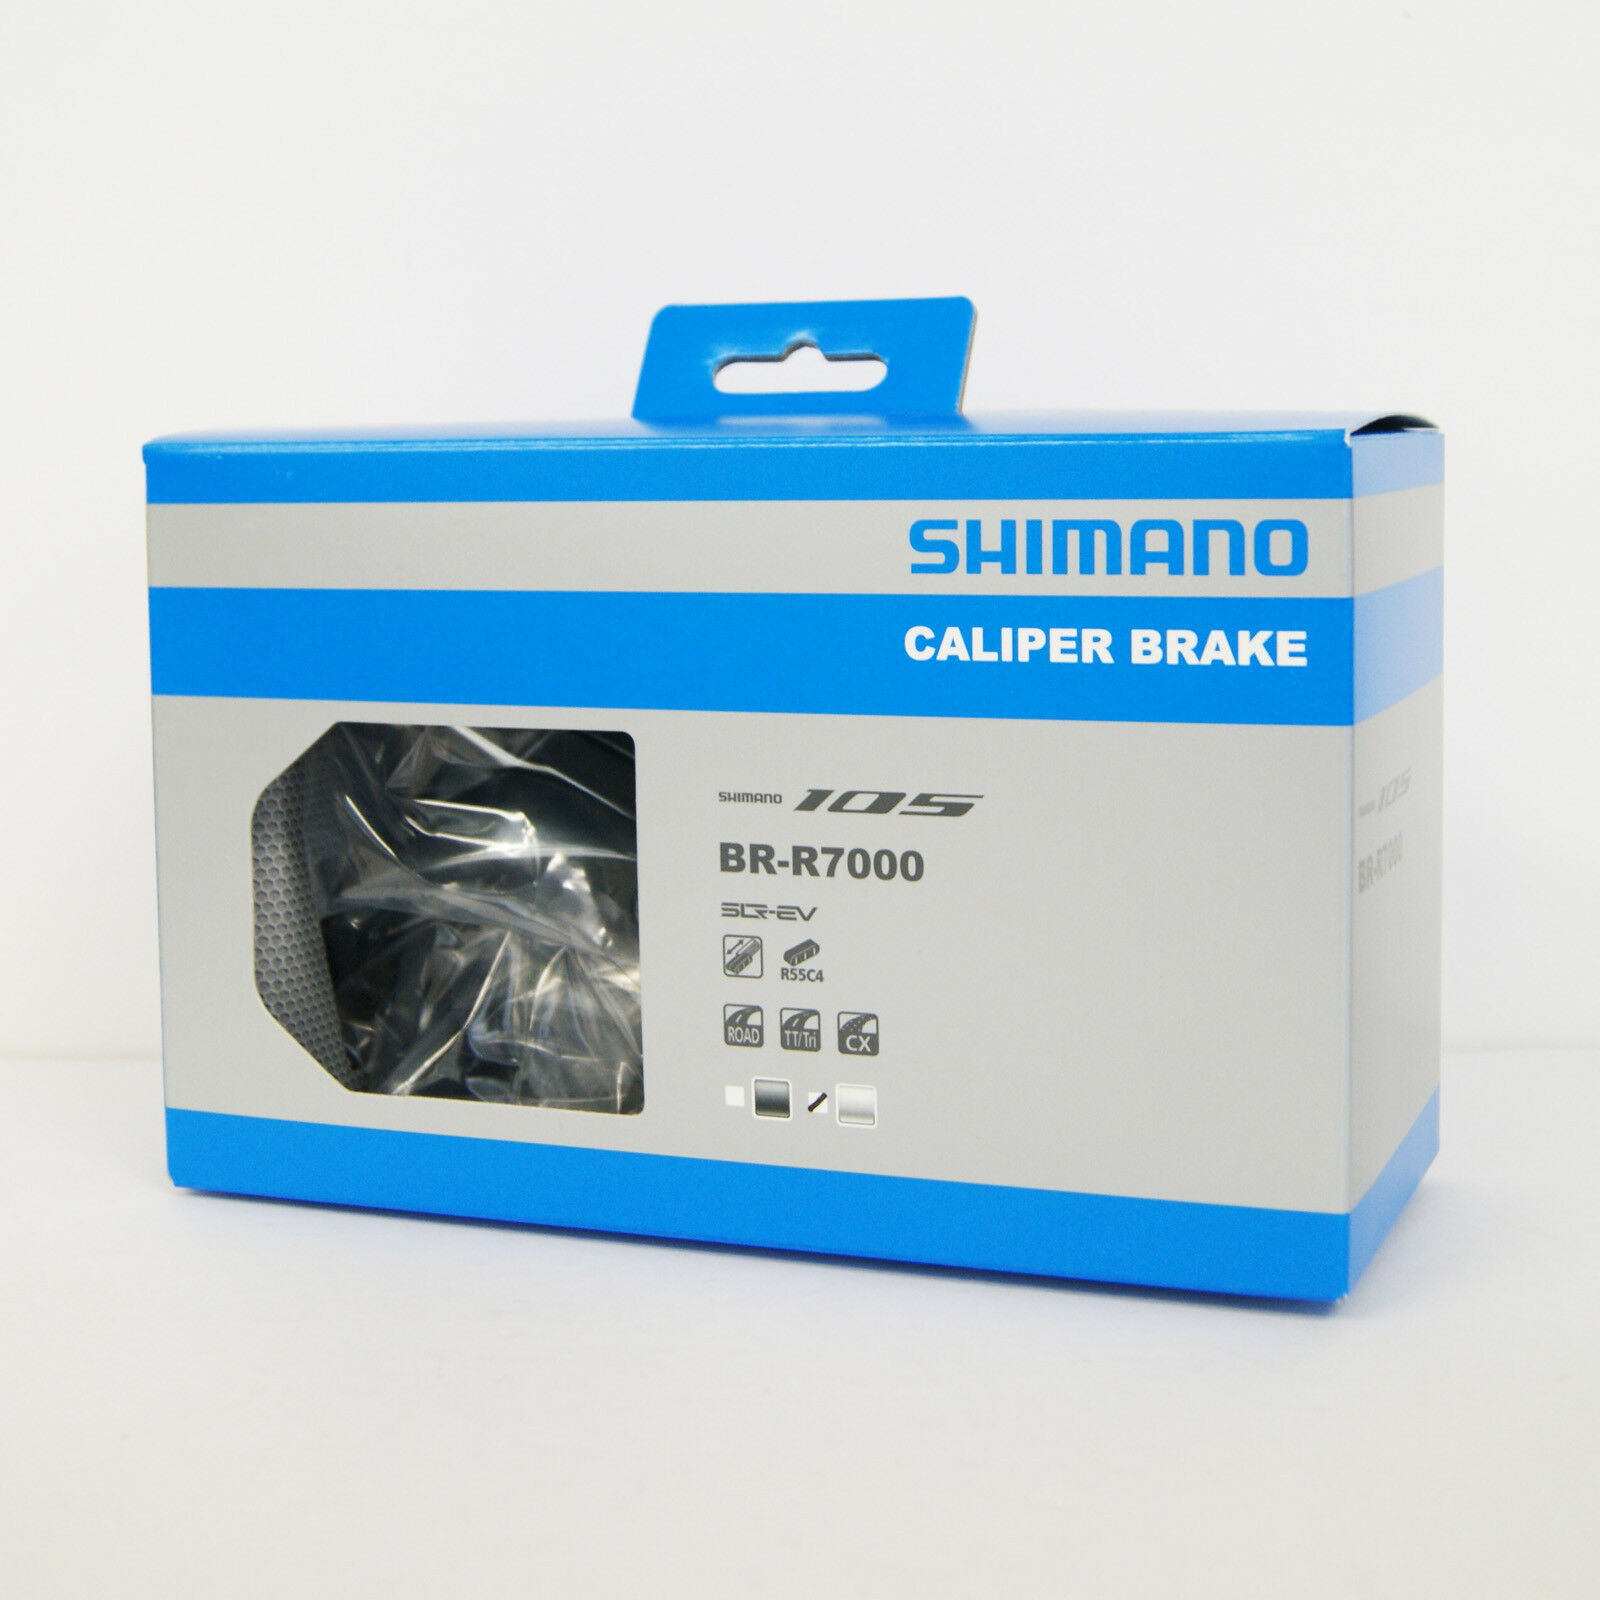 Shimano 105 Br-R7000 Bremssattel Vorne und Hinten (Paar) Silber Ibrr7000a82s